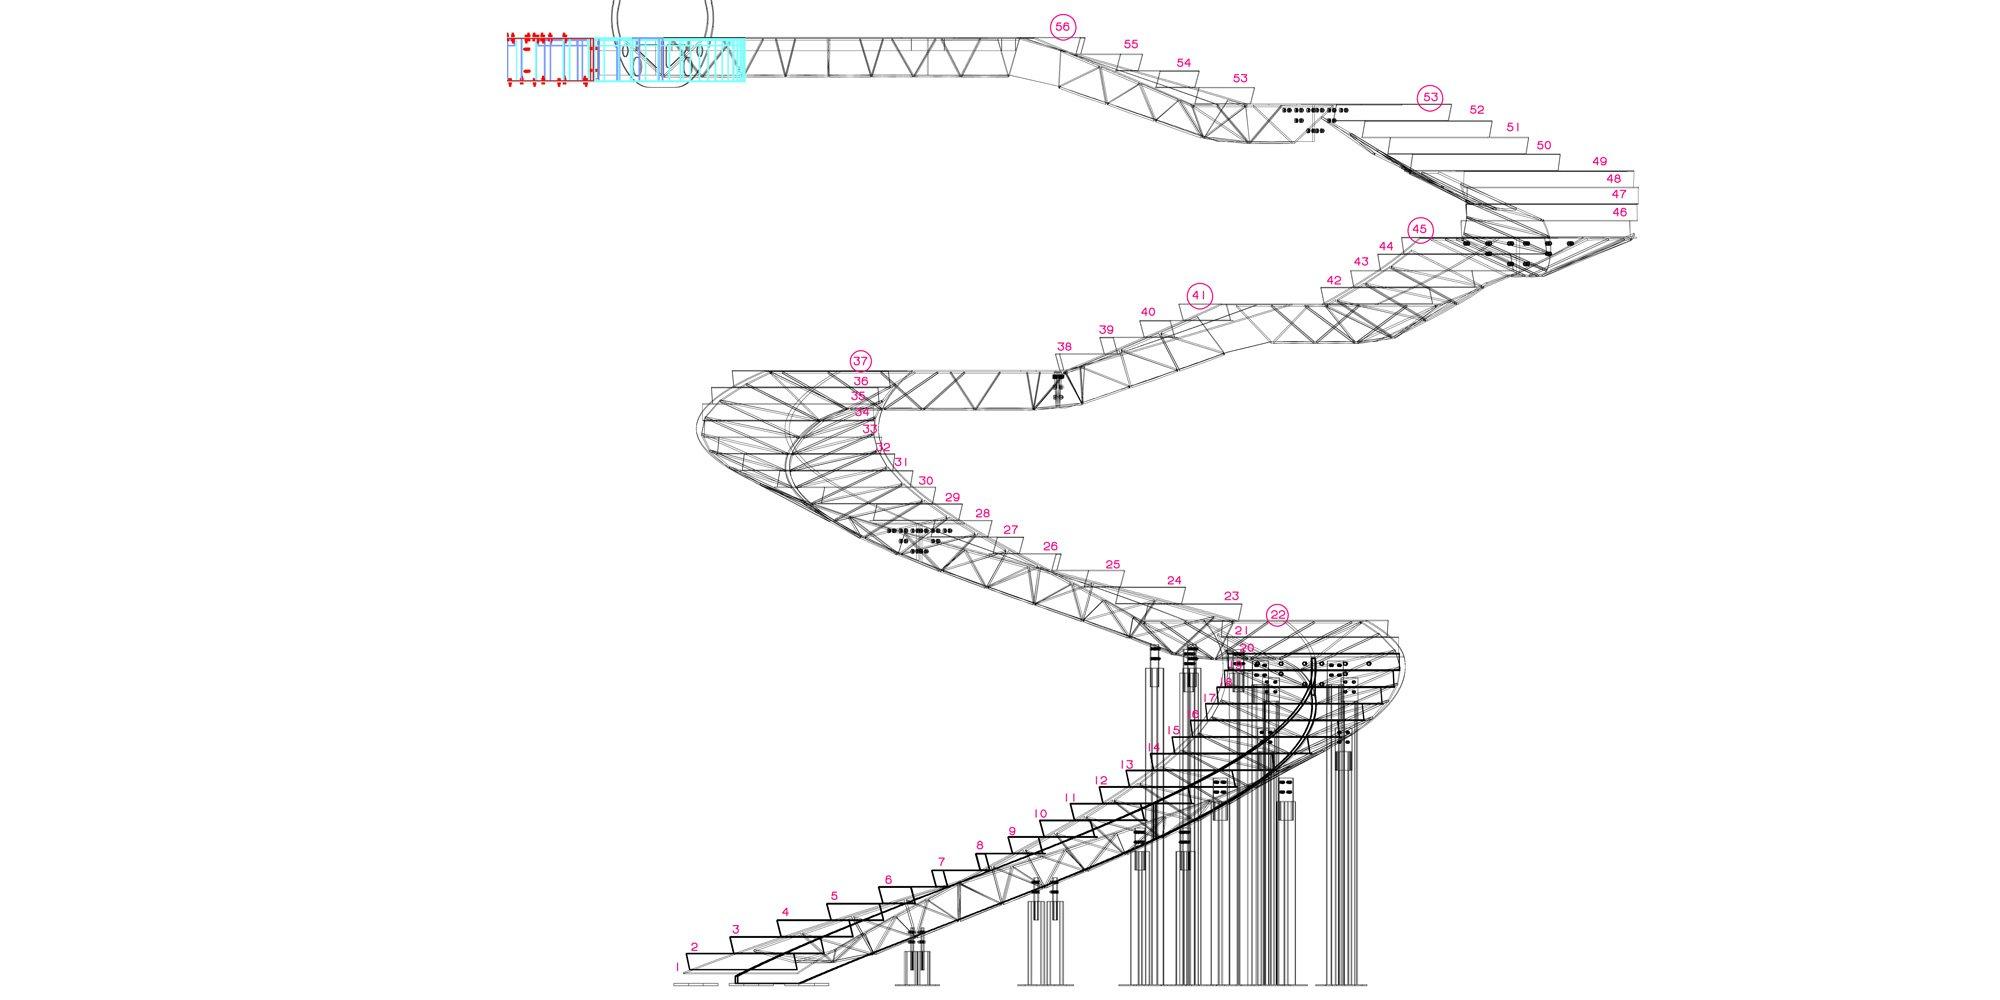 Sezione della scala © Oded Halaf